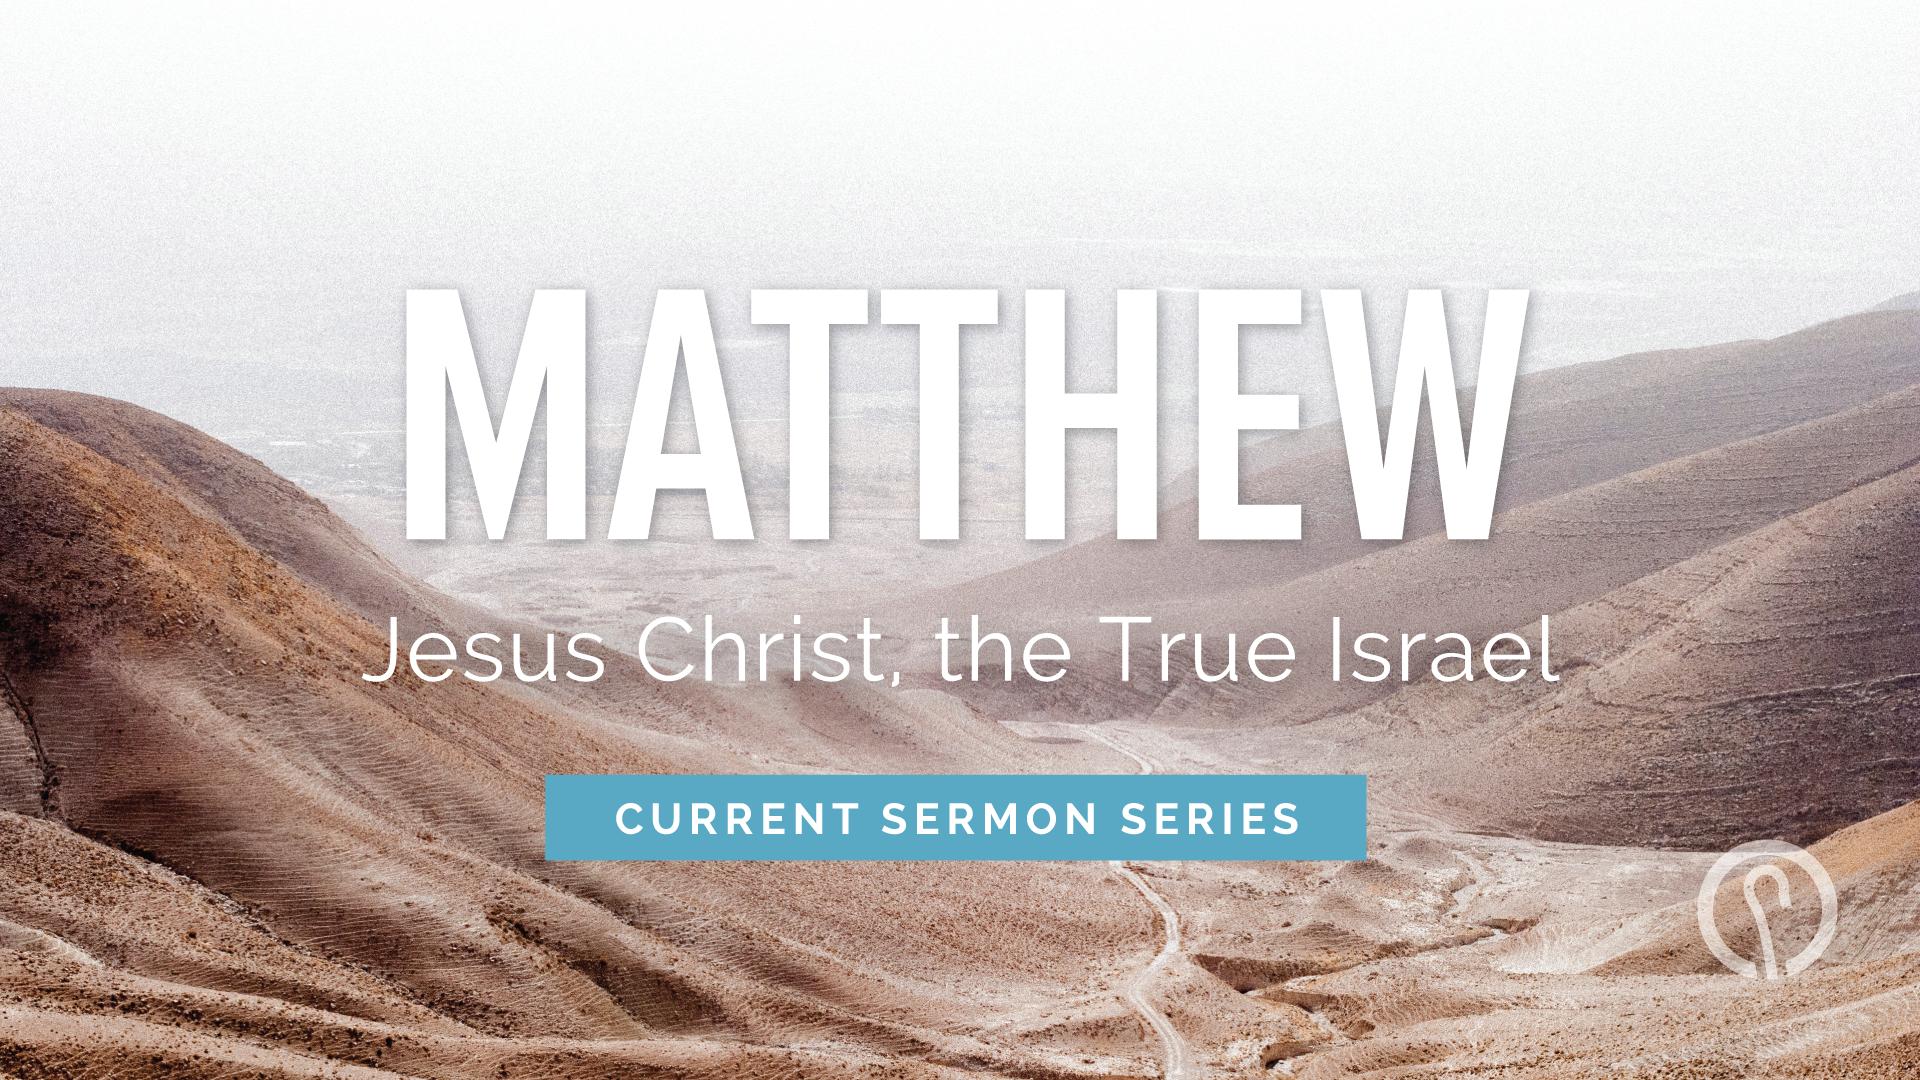 When Love Hurts - Matthew 5:38-48